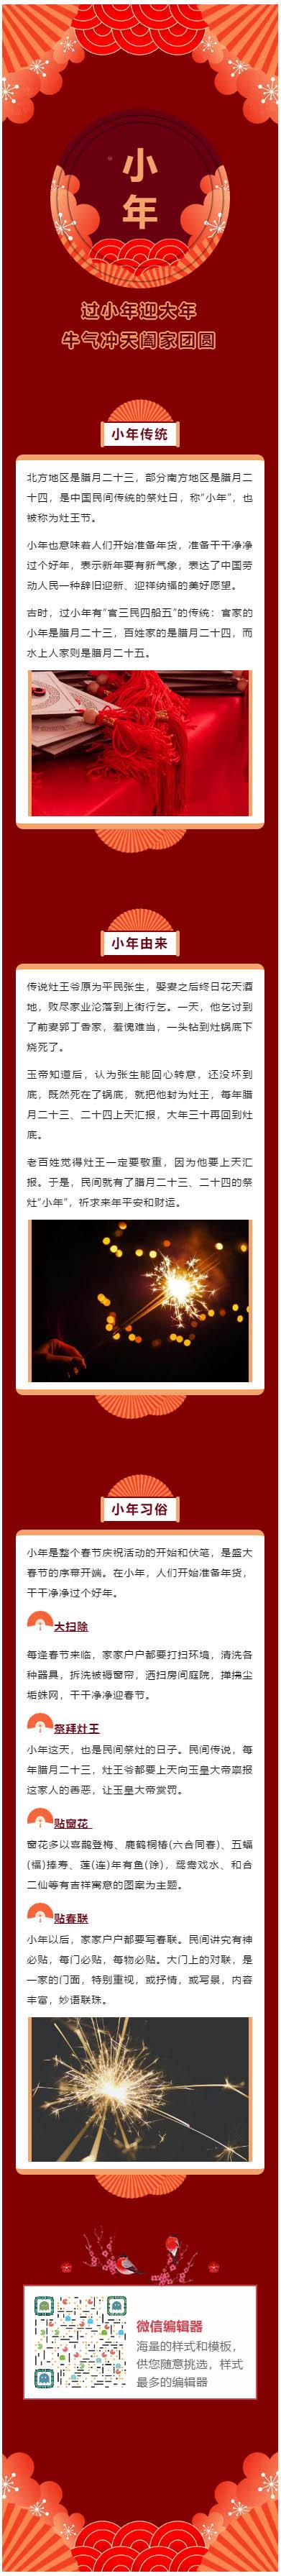 灶王爷小年祭灶节微信公众号模板推送图文素材推文资料